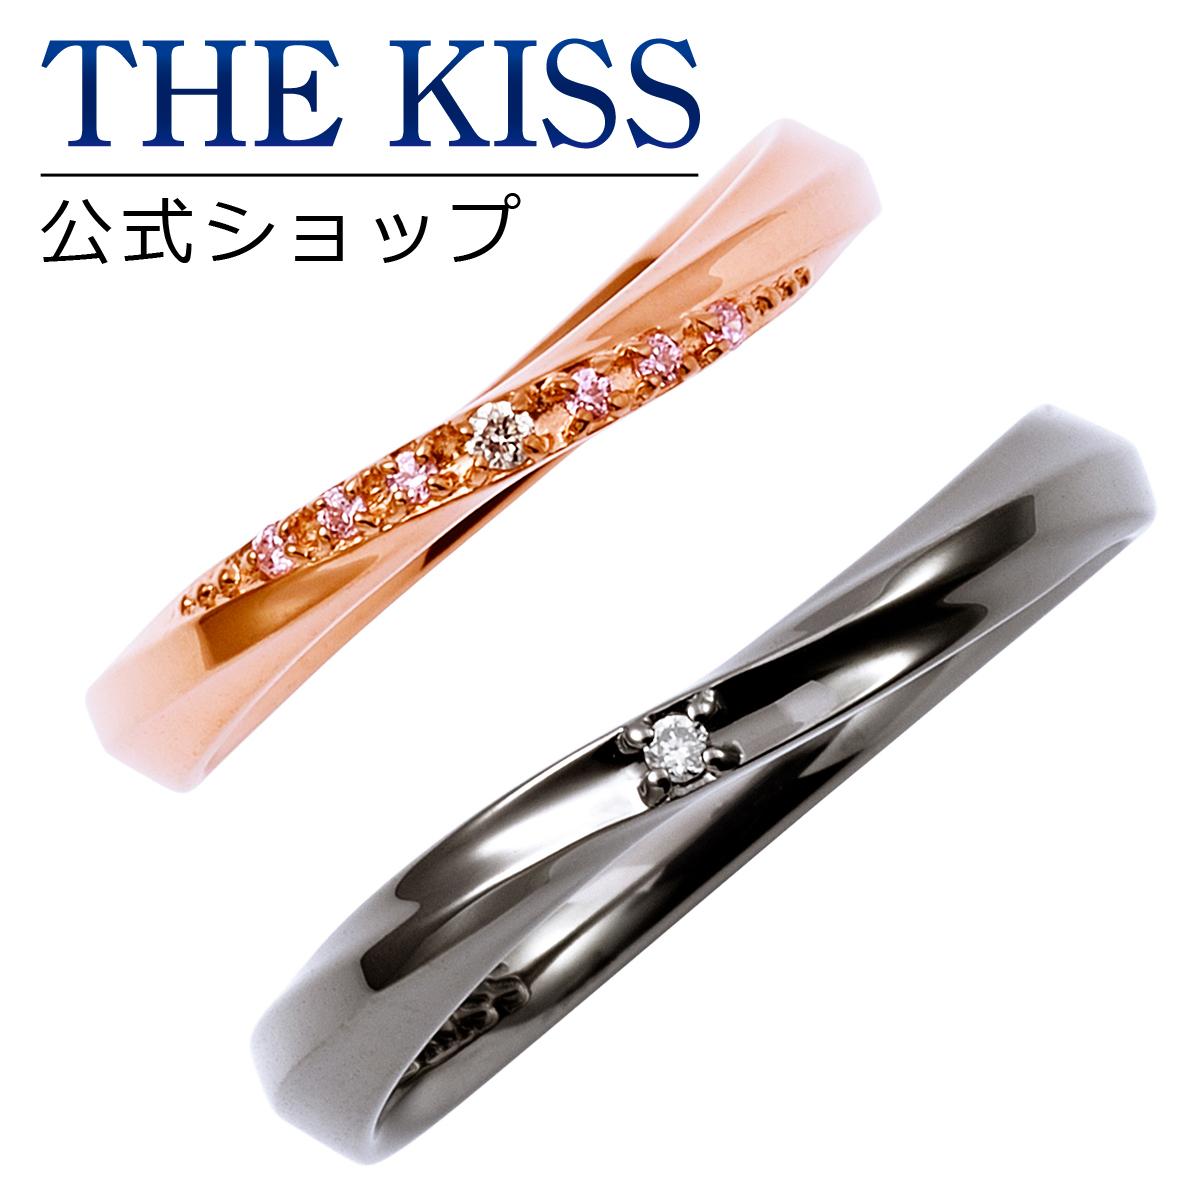 【あす楽対応】THE KISS 公式サイト シルバー ペアリング ダイヤモンド ペアアクセサリー カップル に 人気 の ジュエリーブランド THEKISS ペア リング・指輪 SR1853DM-1854DM セット シンプル 男性 女性 2個ペア ザキス 【送料無料】